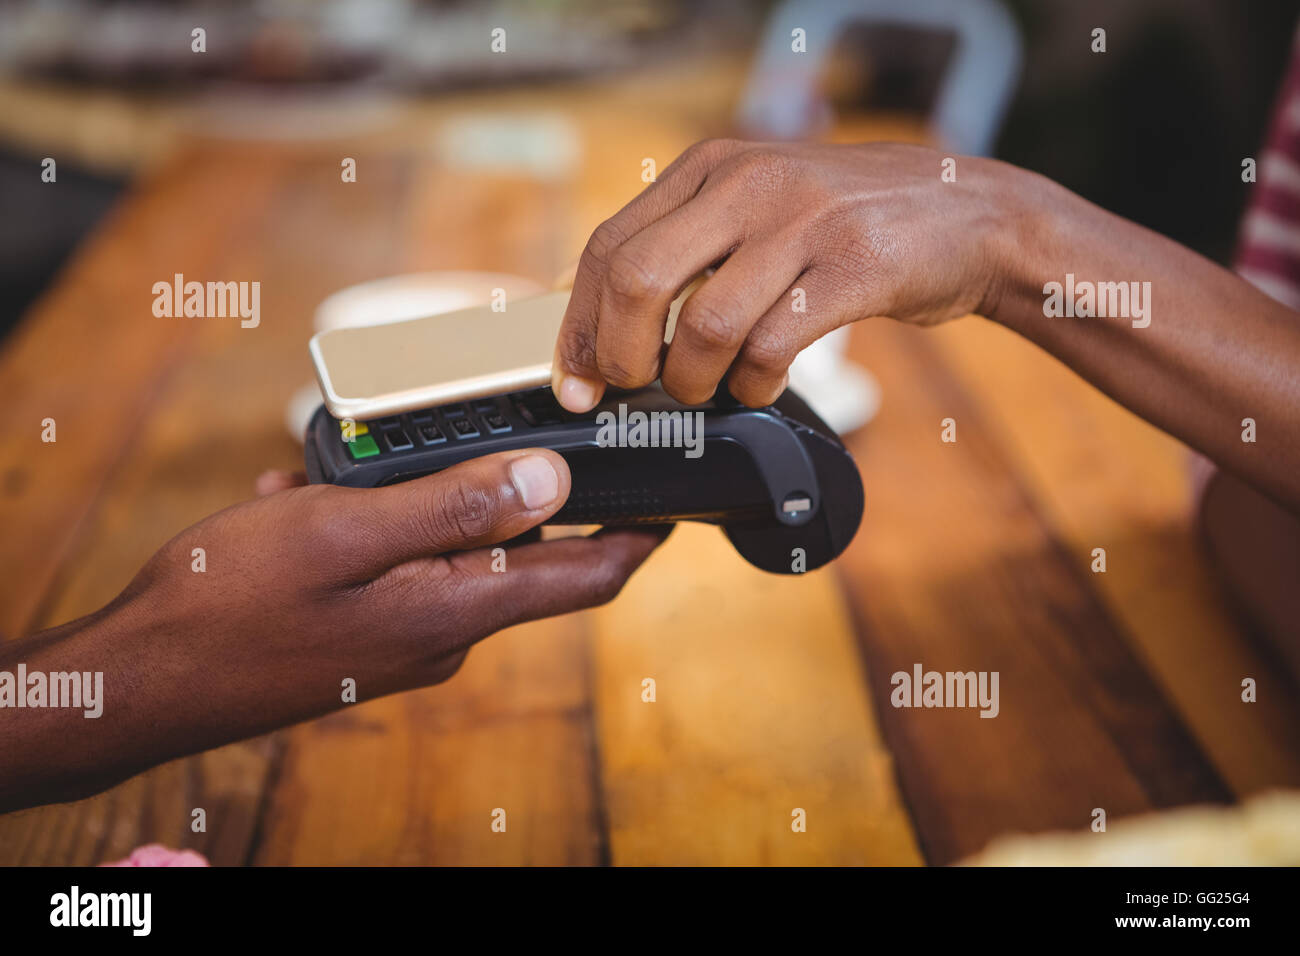 La donna il pagamento fattura tramite lo smartphone utilizzando la tecnologia NFC Immagini Stock